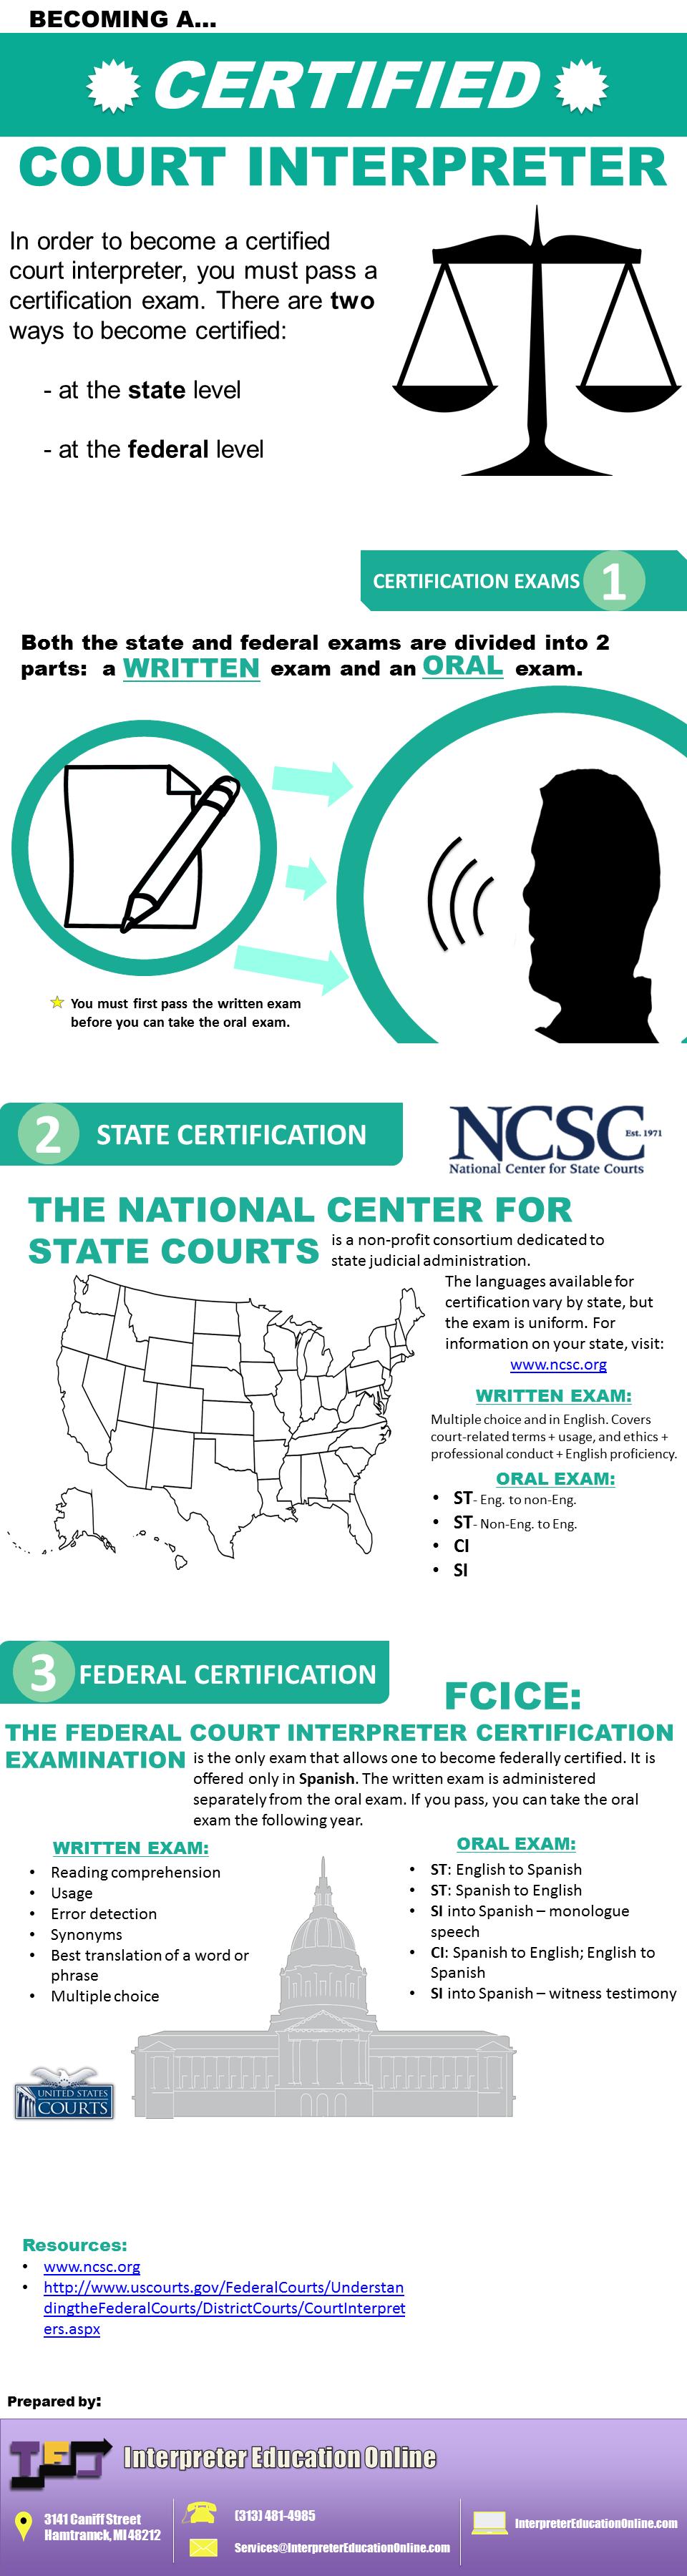 Becoming a Certified Court Interpreter